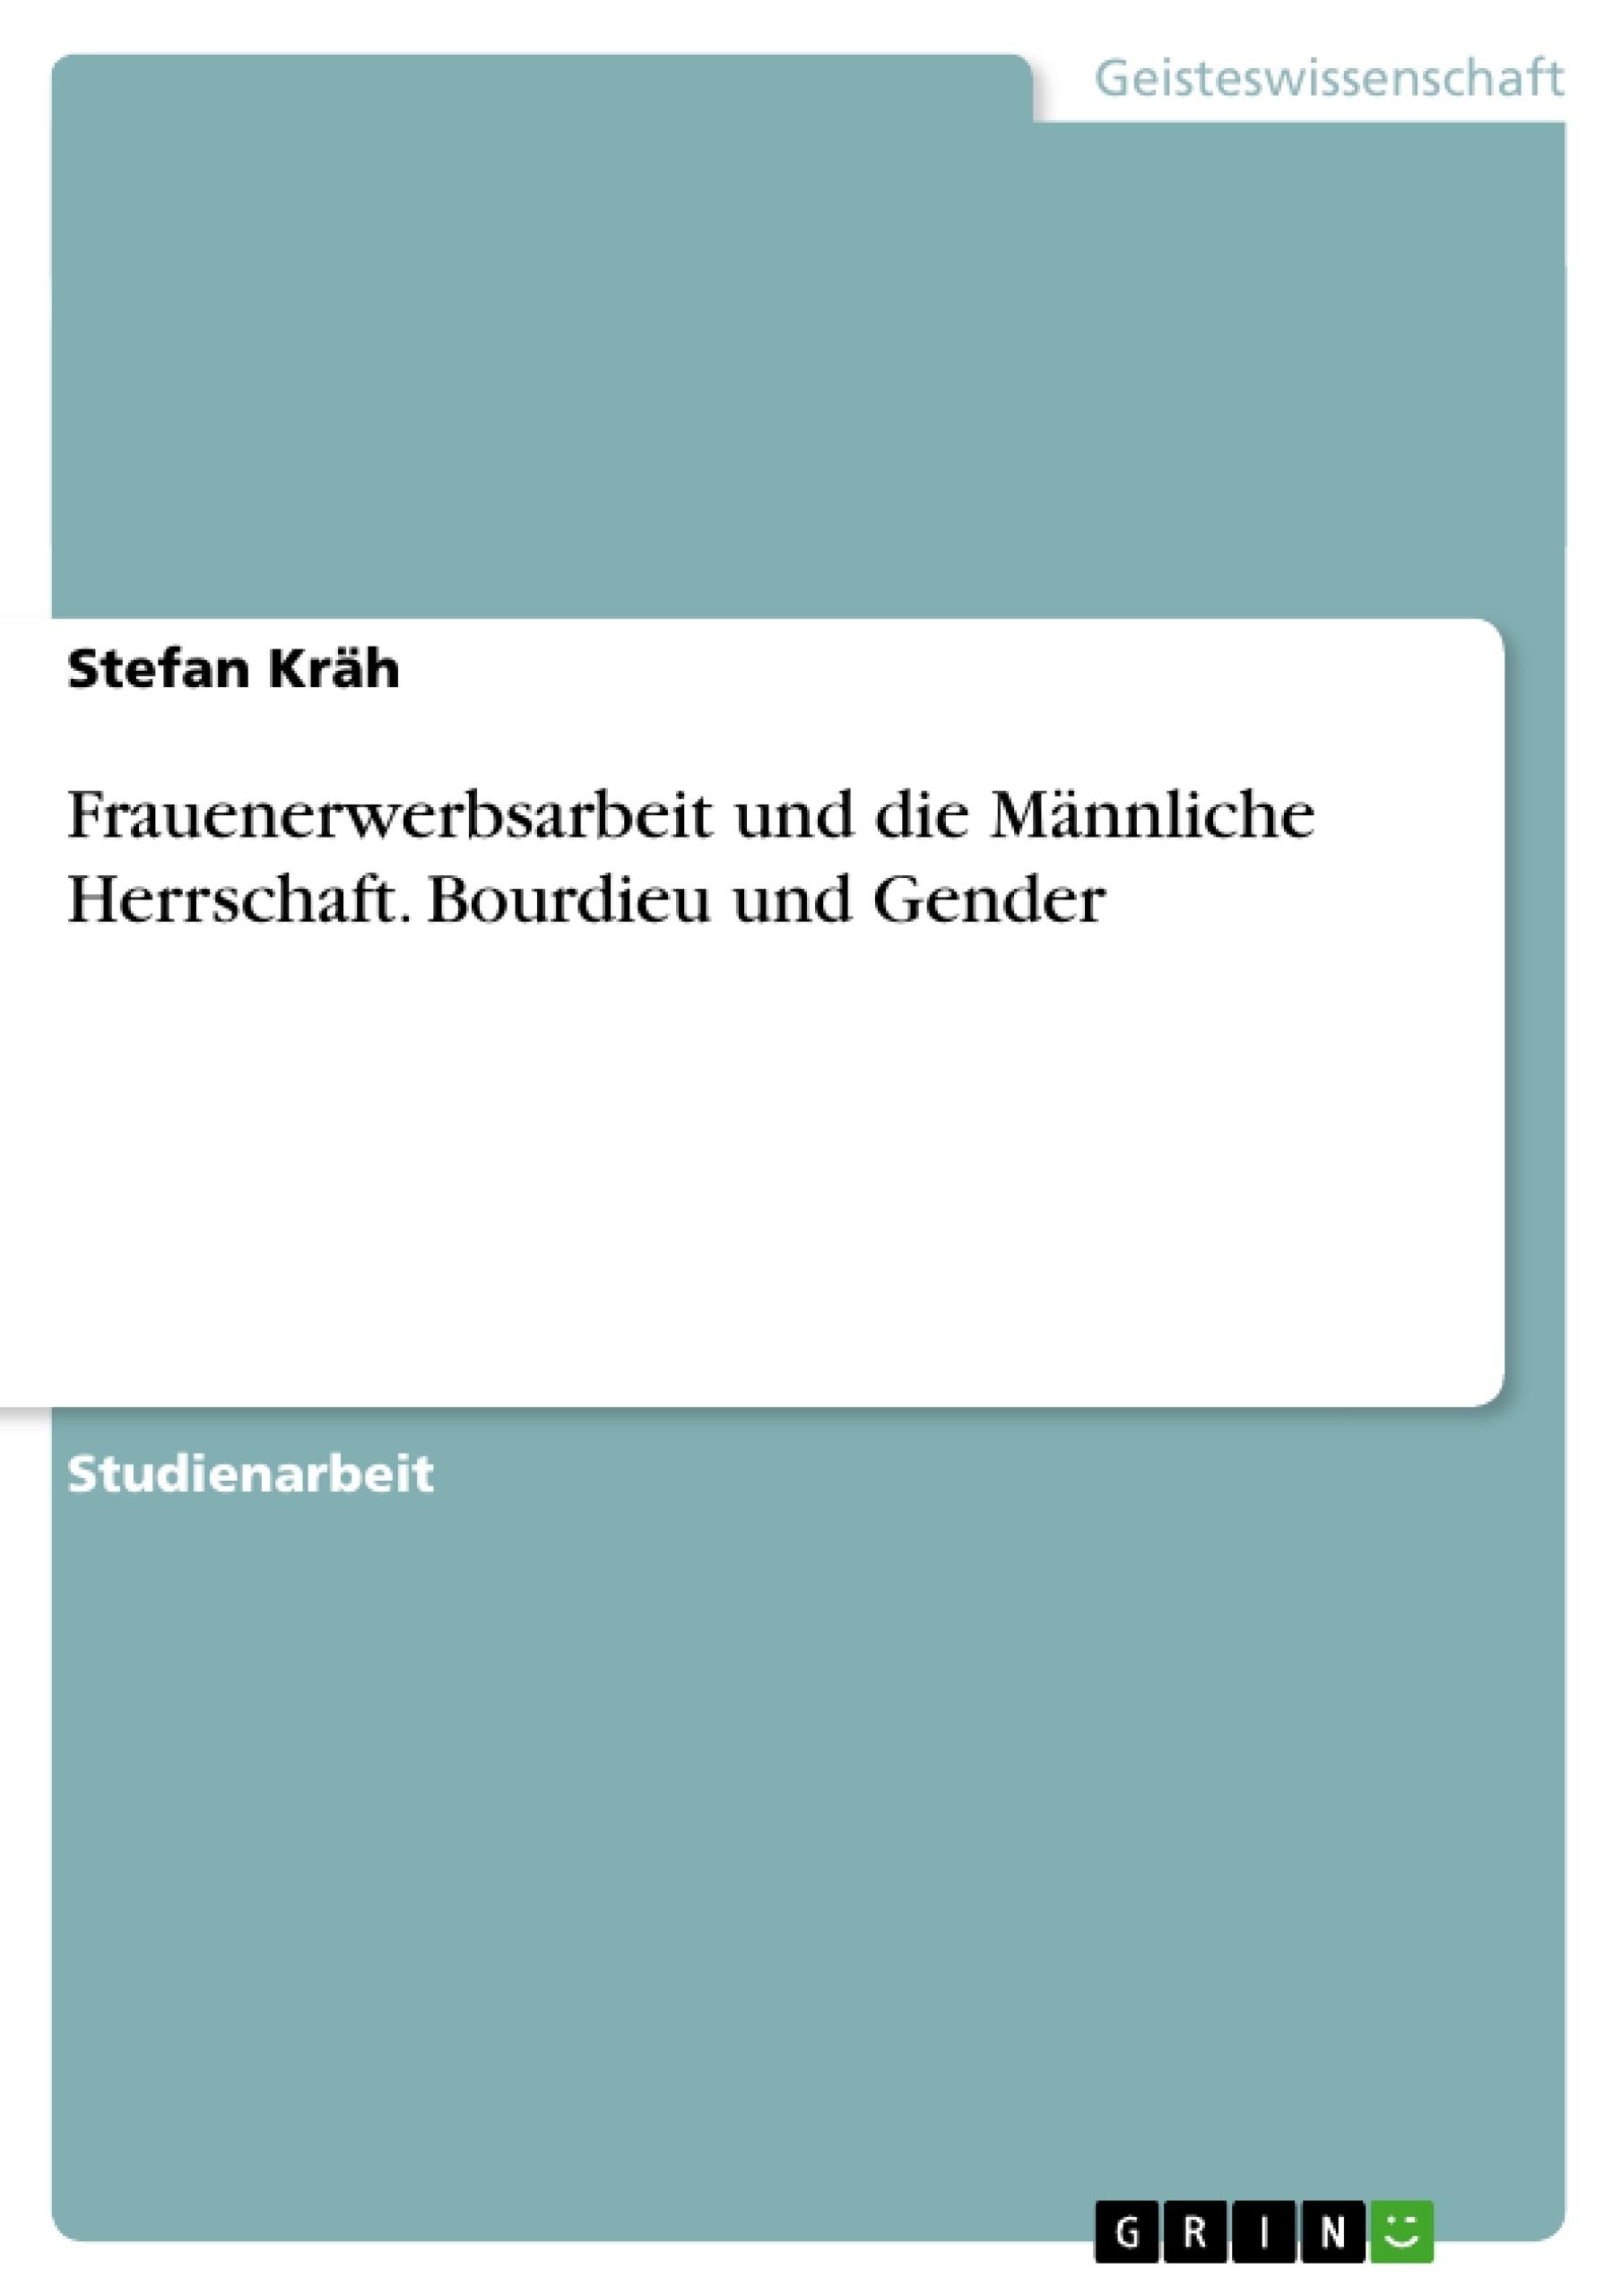 Titel: Frauenerwerbsarbeit und die Männliche Herrschaft. Bourdieu und Gender